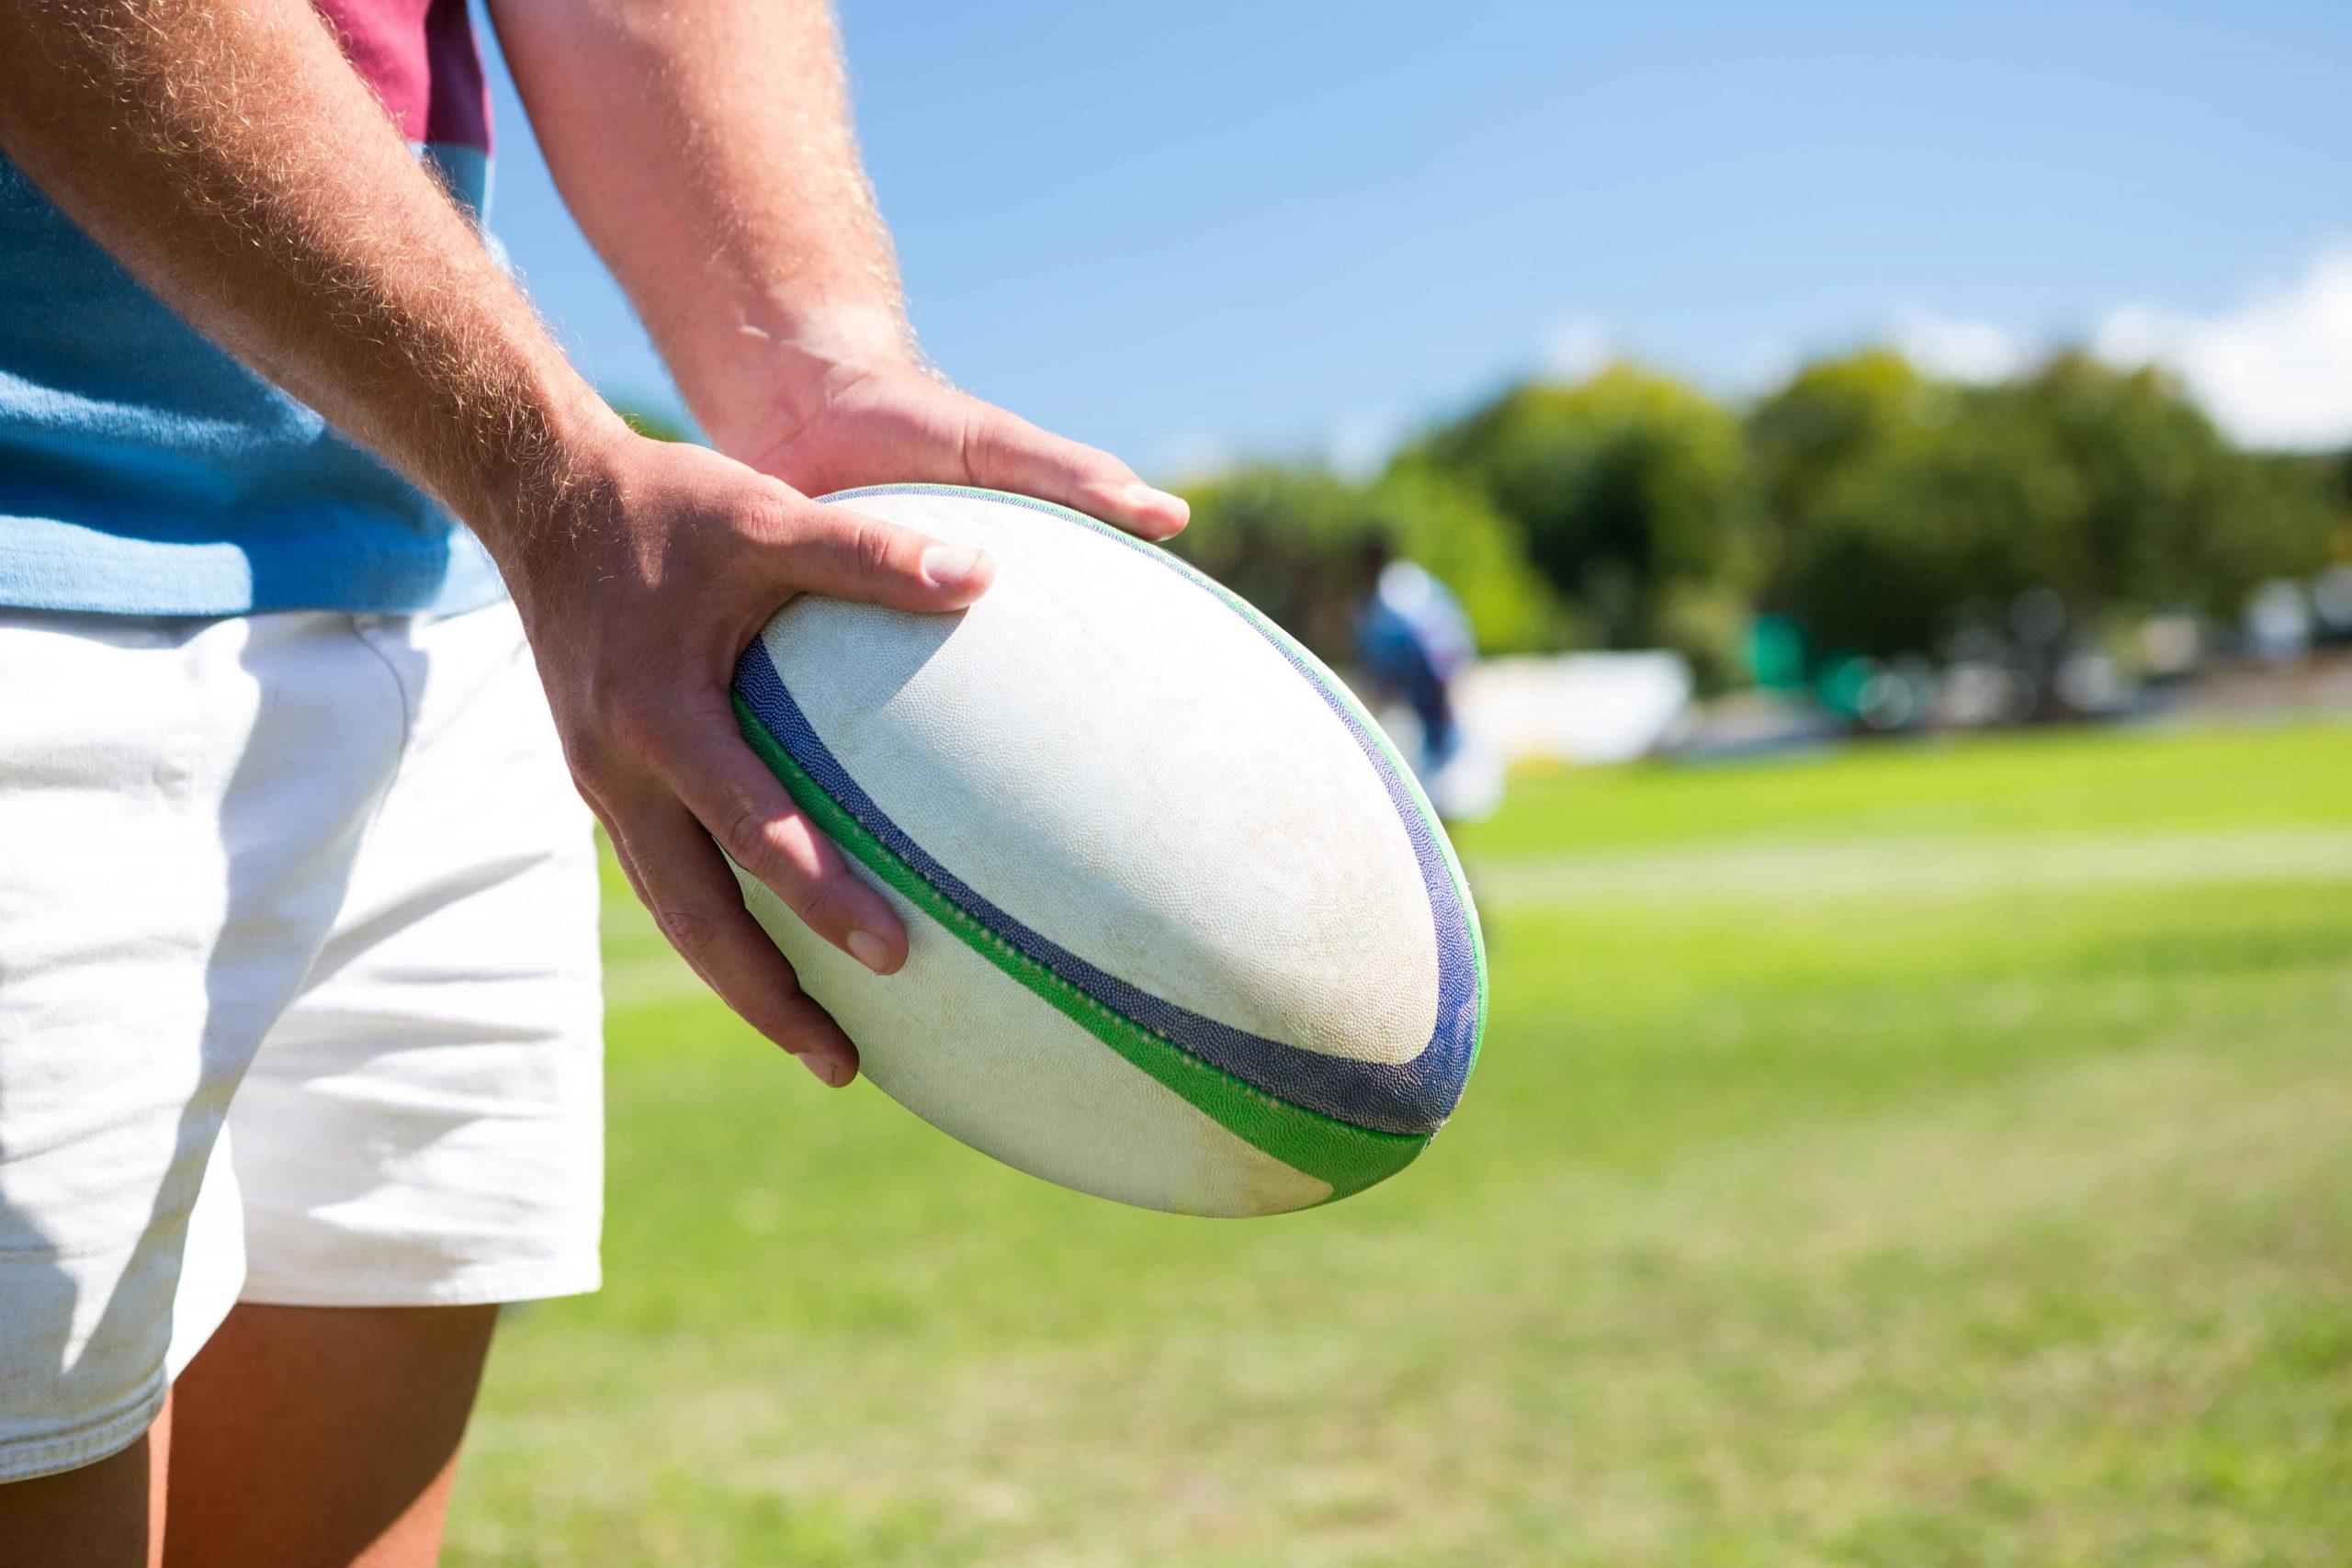 Miglior pallone da rugby 2021: Guida all'acquisto